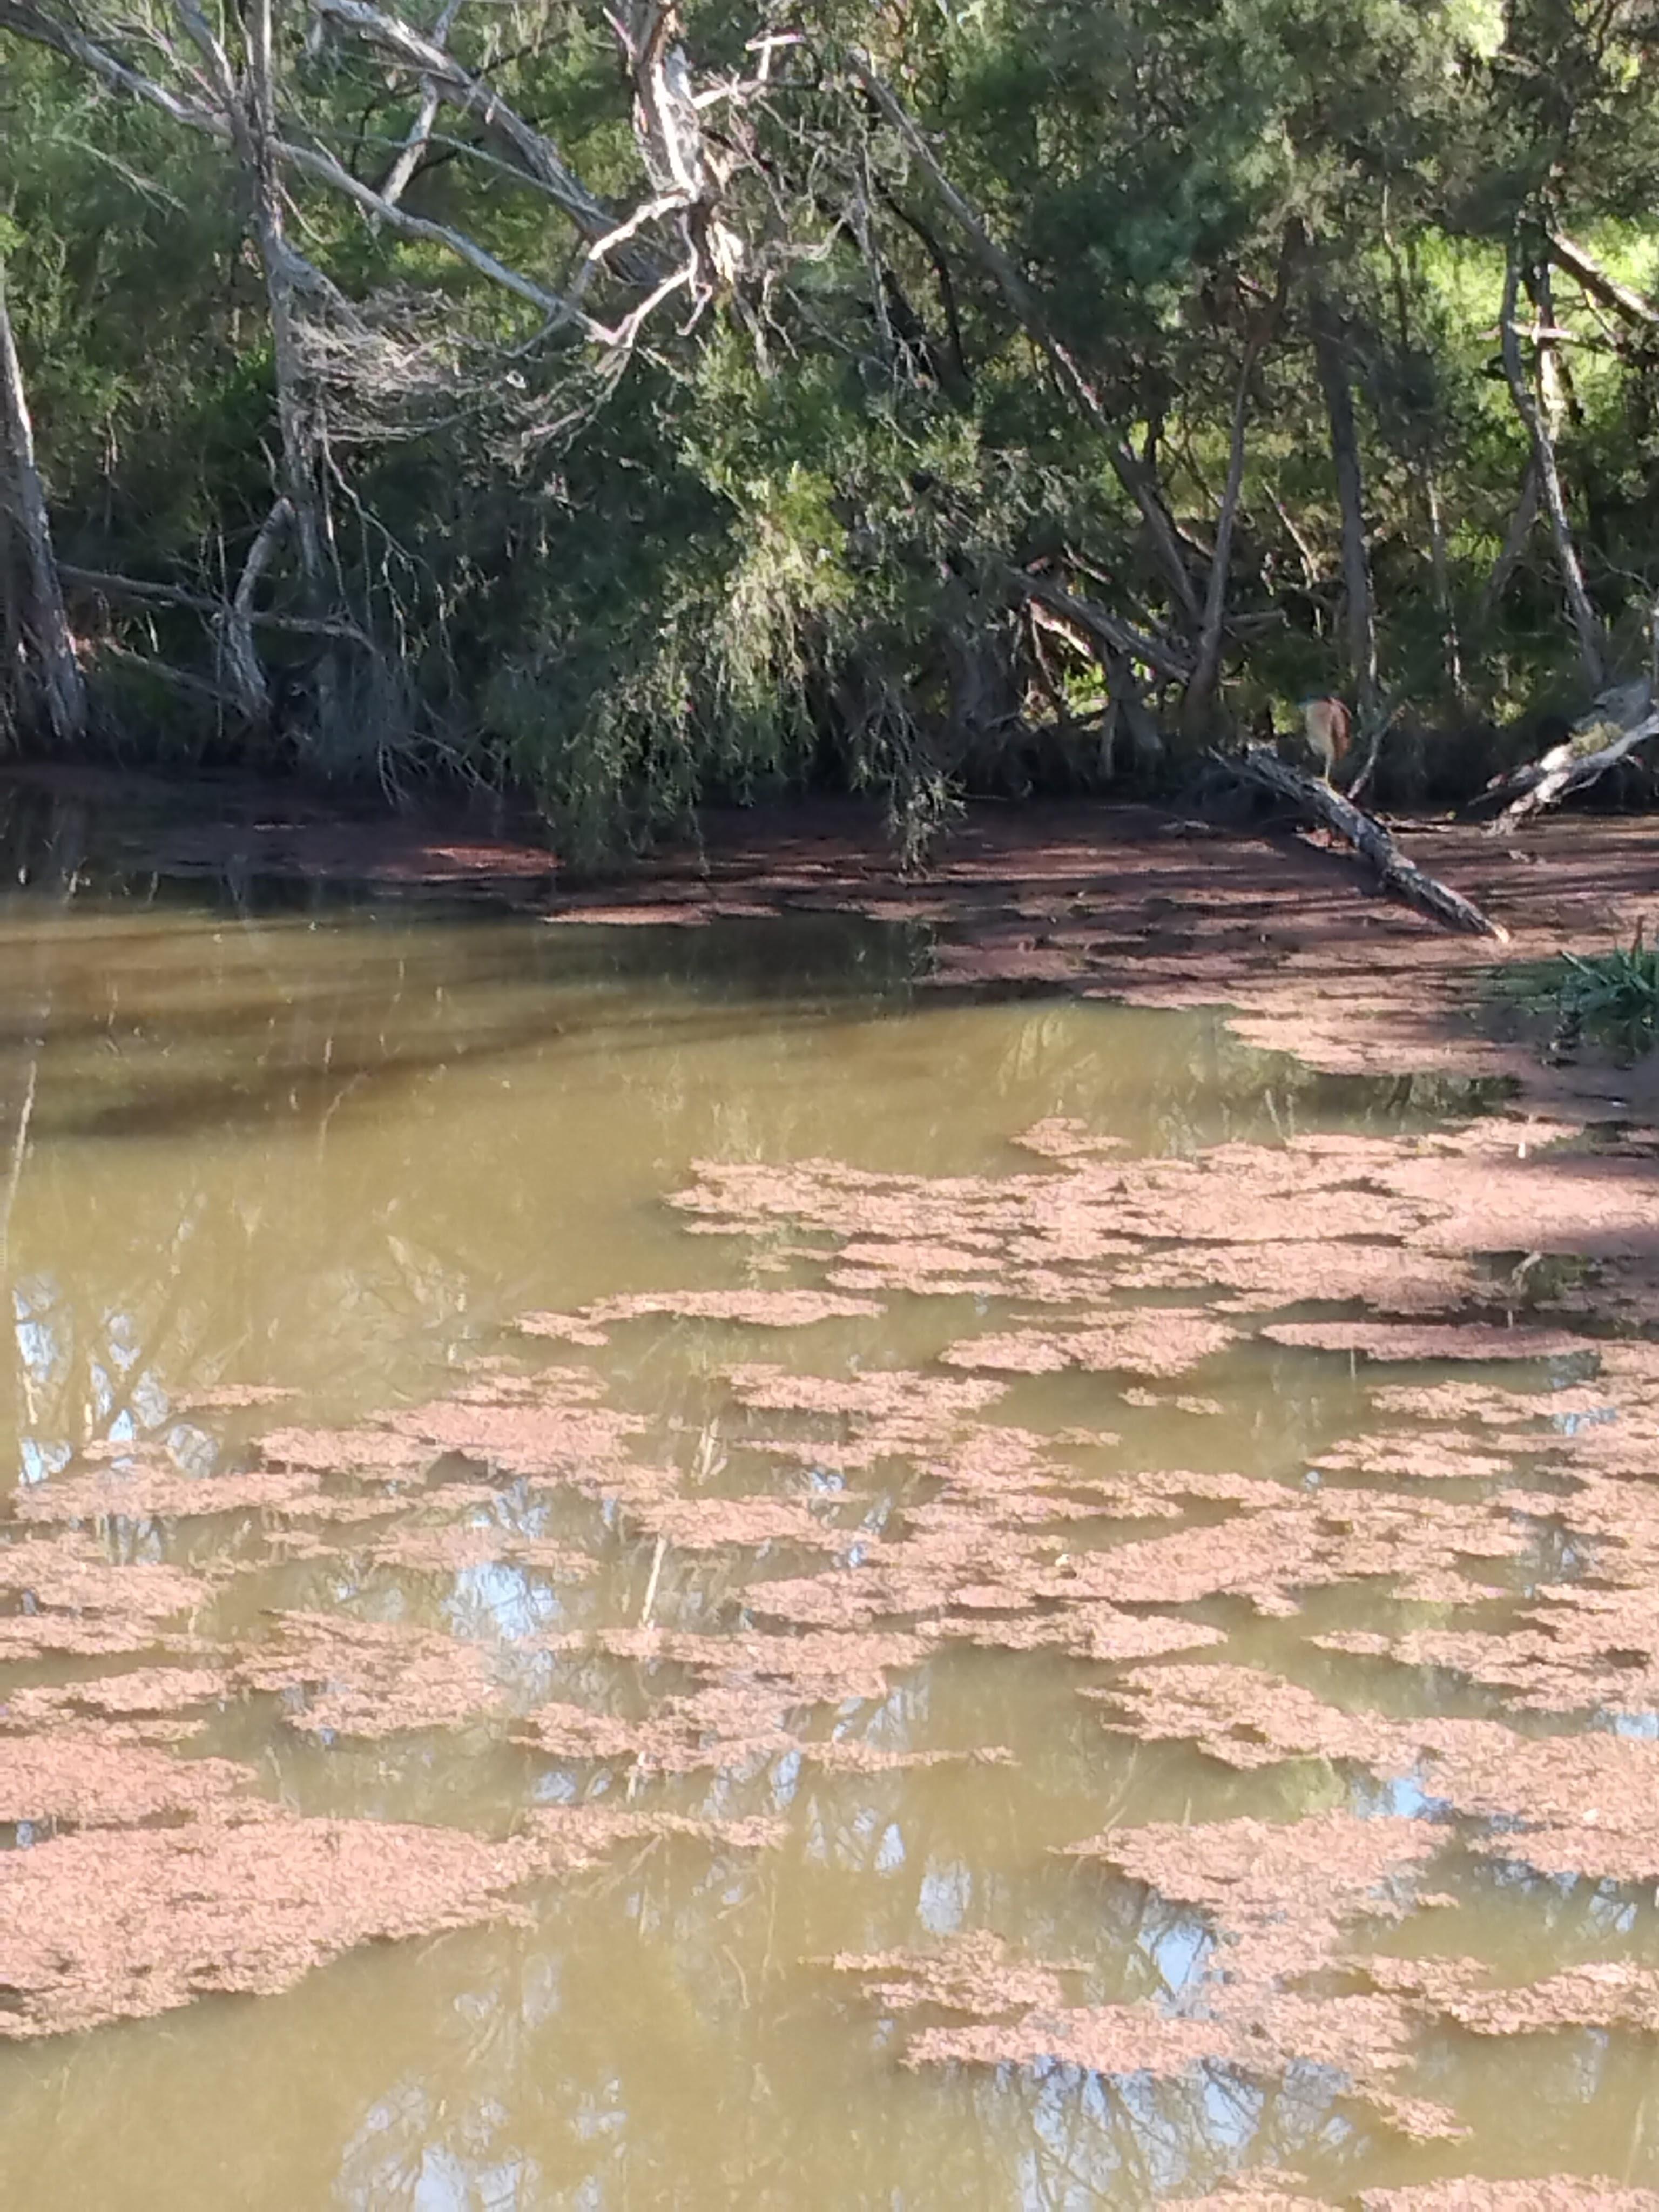 Muddy waterhole